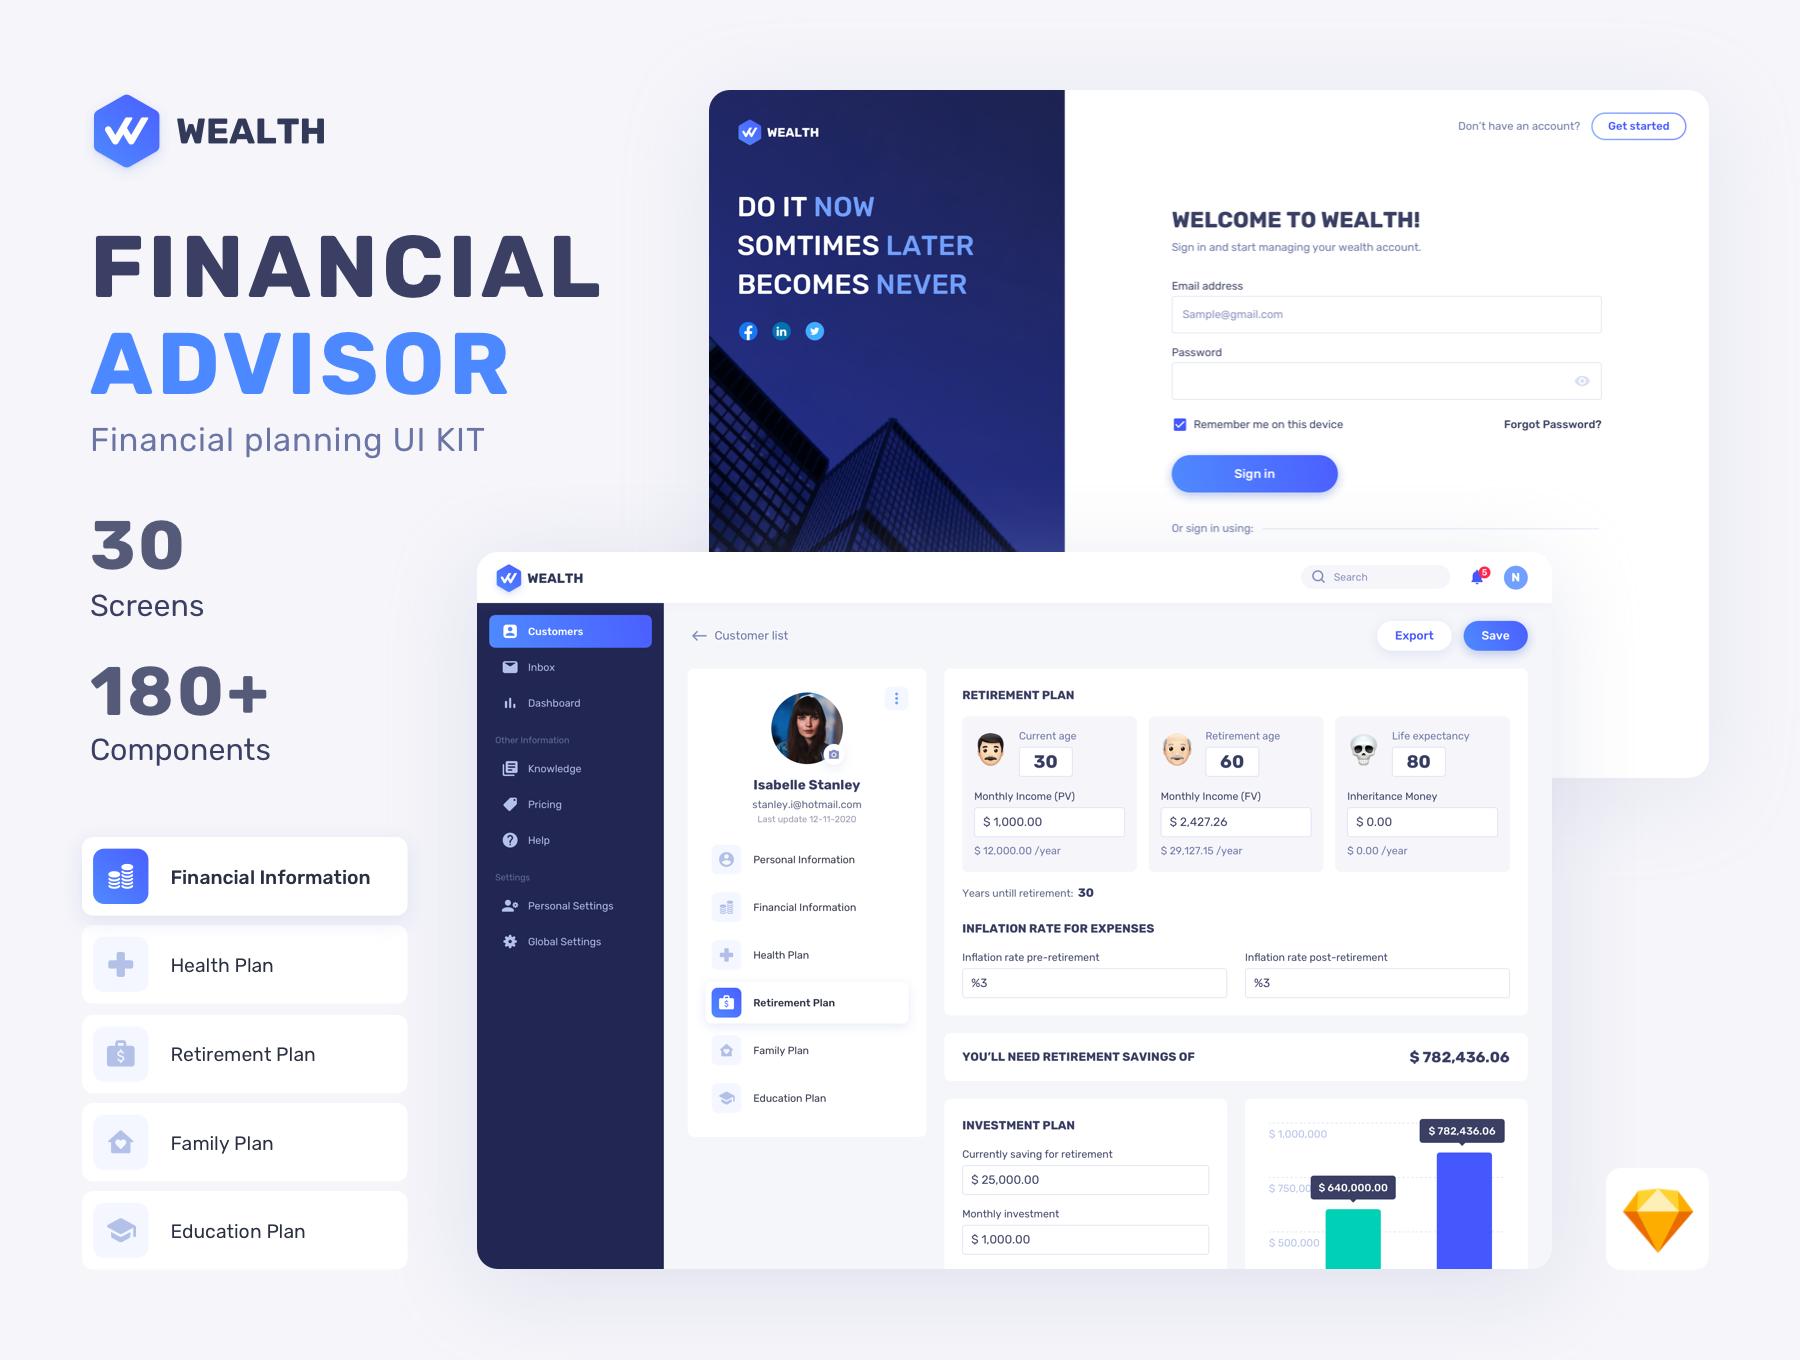 دانلود UI Kit وب سایت Wealth